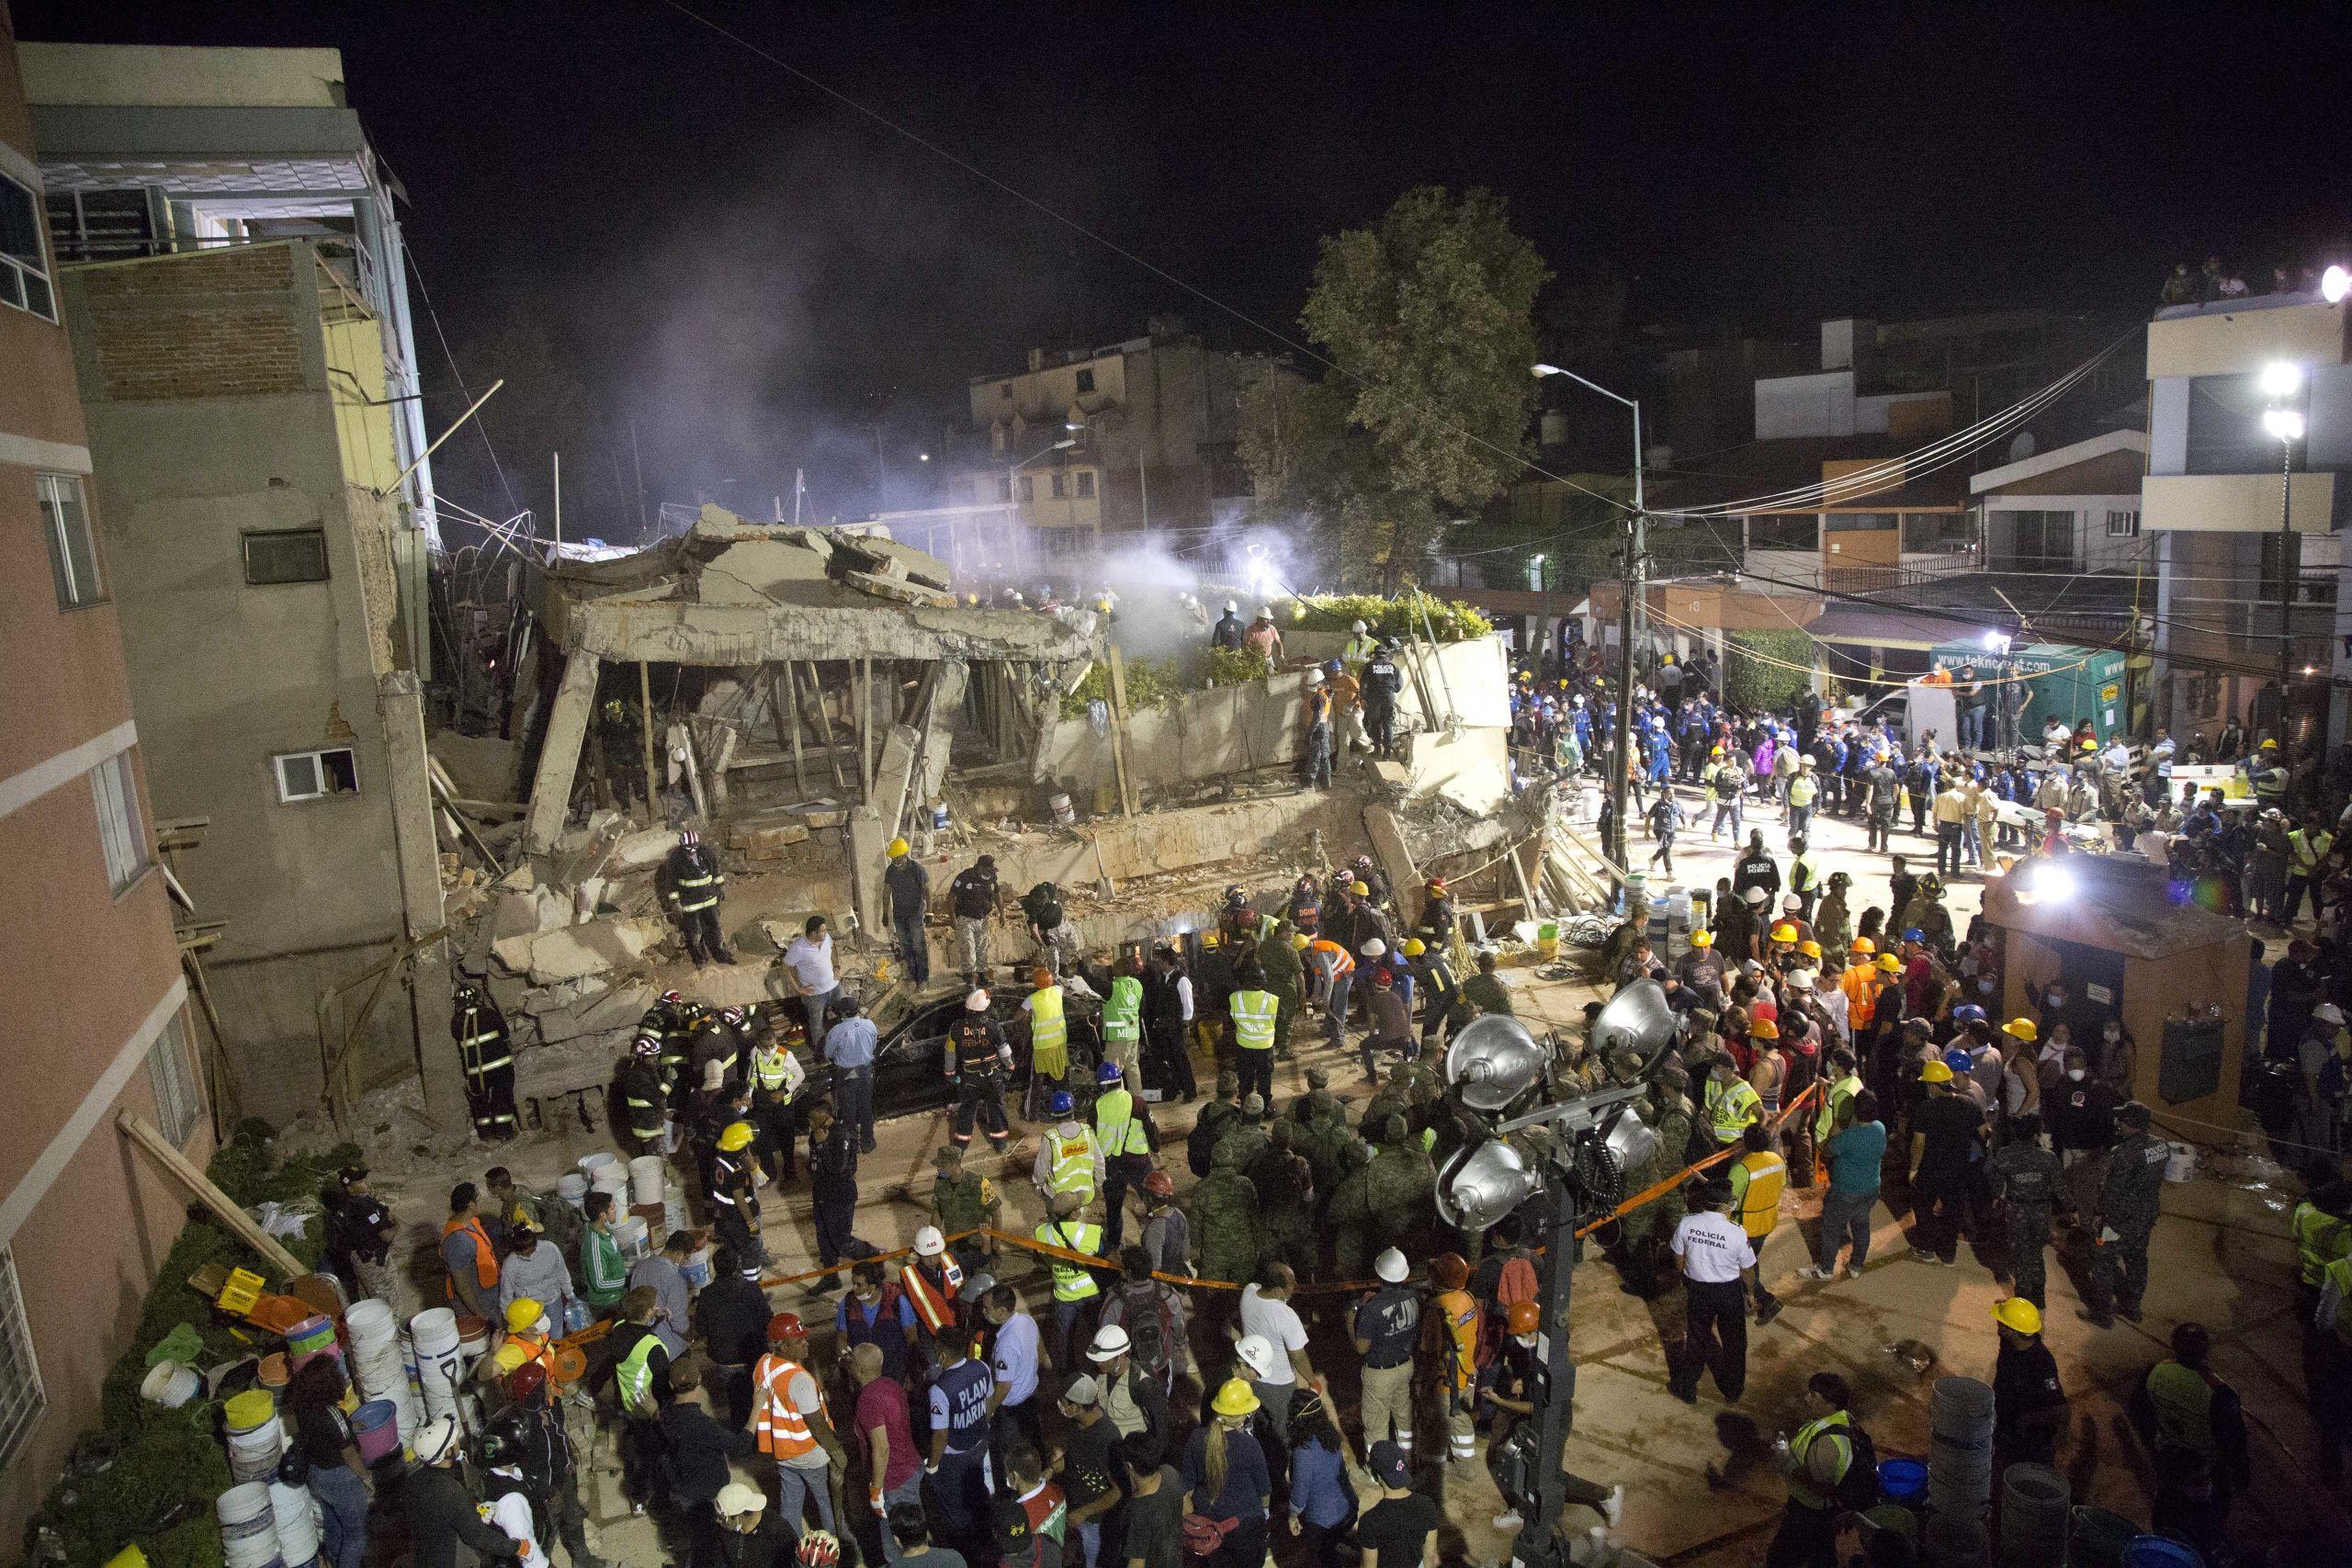 Vm arena drabbad av jordbavning